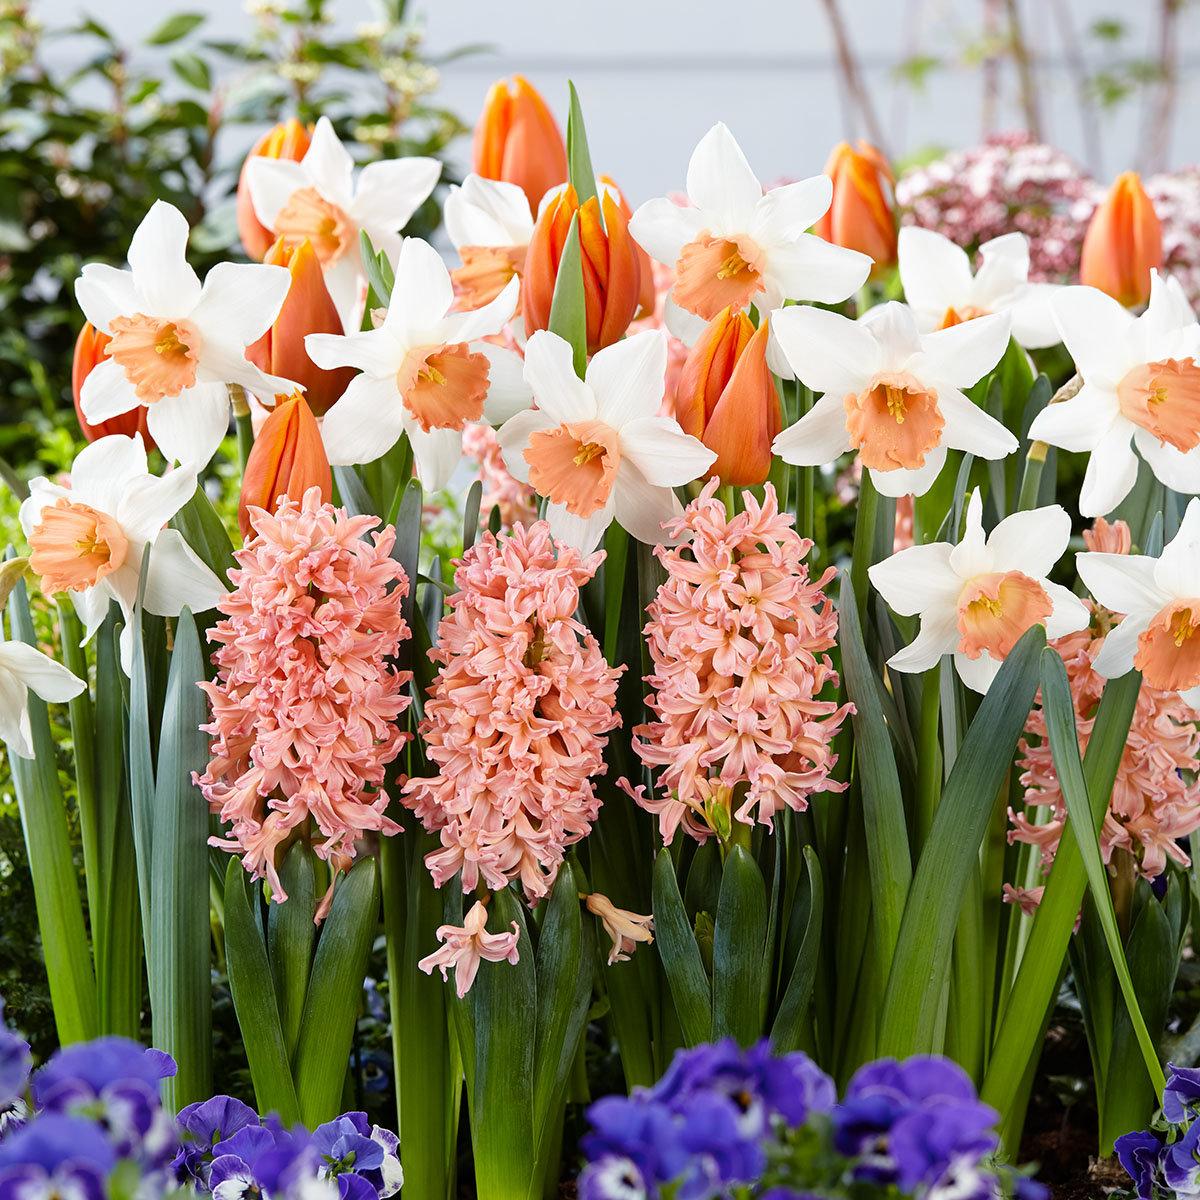 Blumenzwiebel-Sortiment Blütentraum